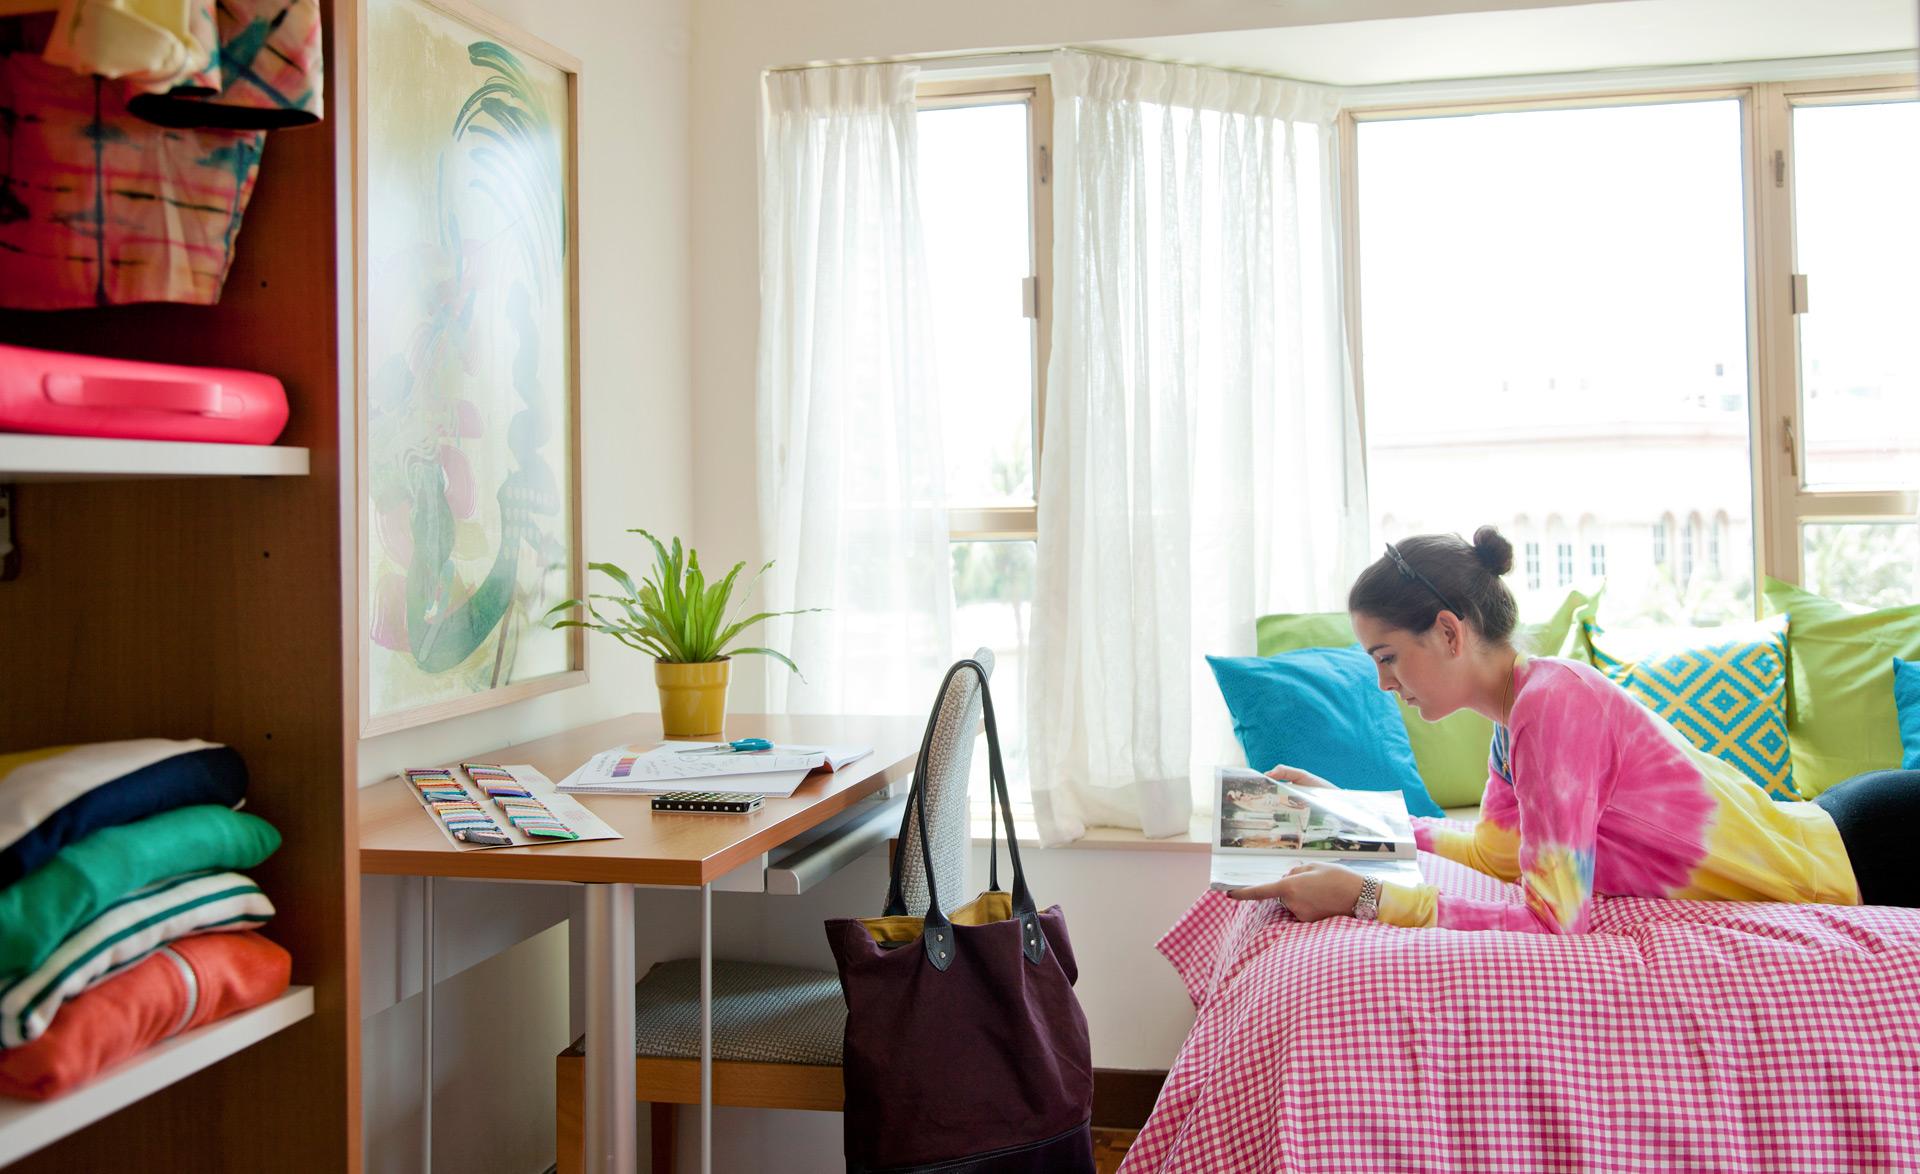 Atlanta hong kong and savannah residence halls close for for Apartments near savannah college of art and design